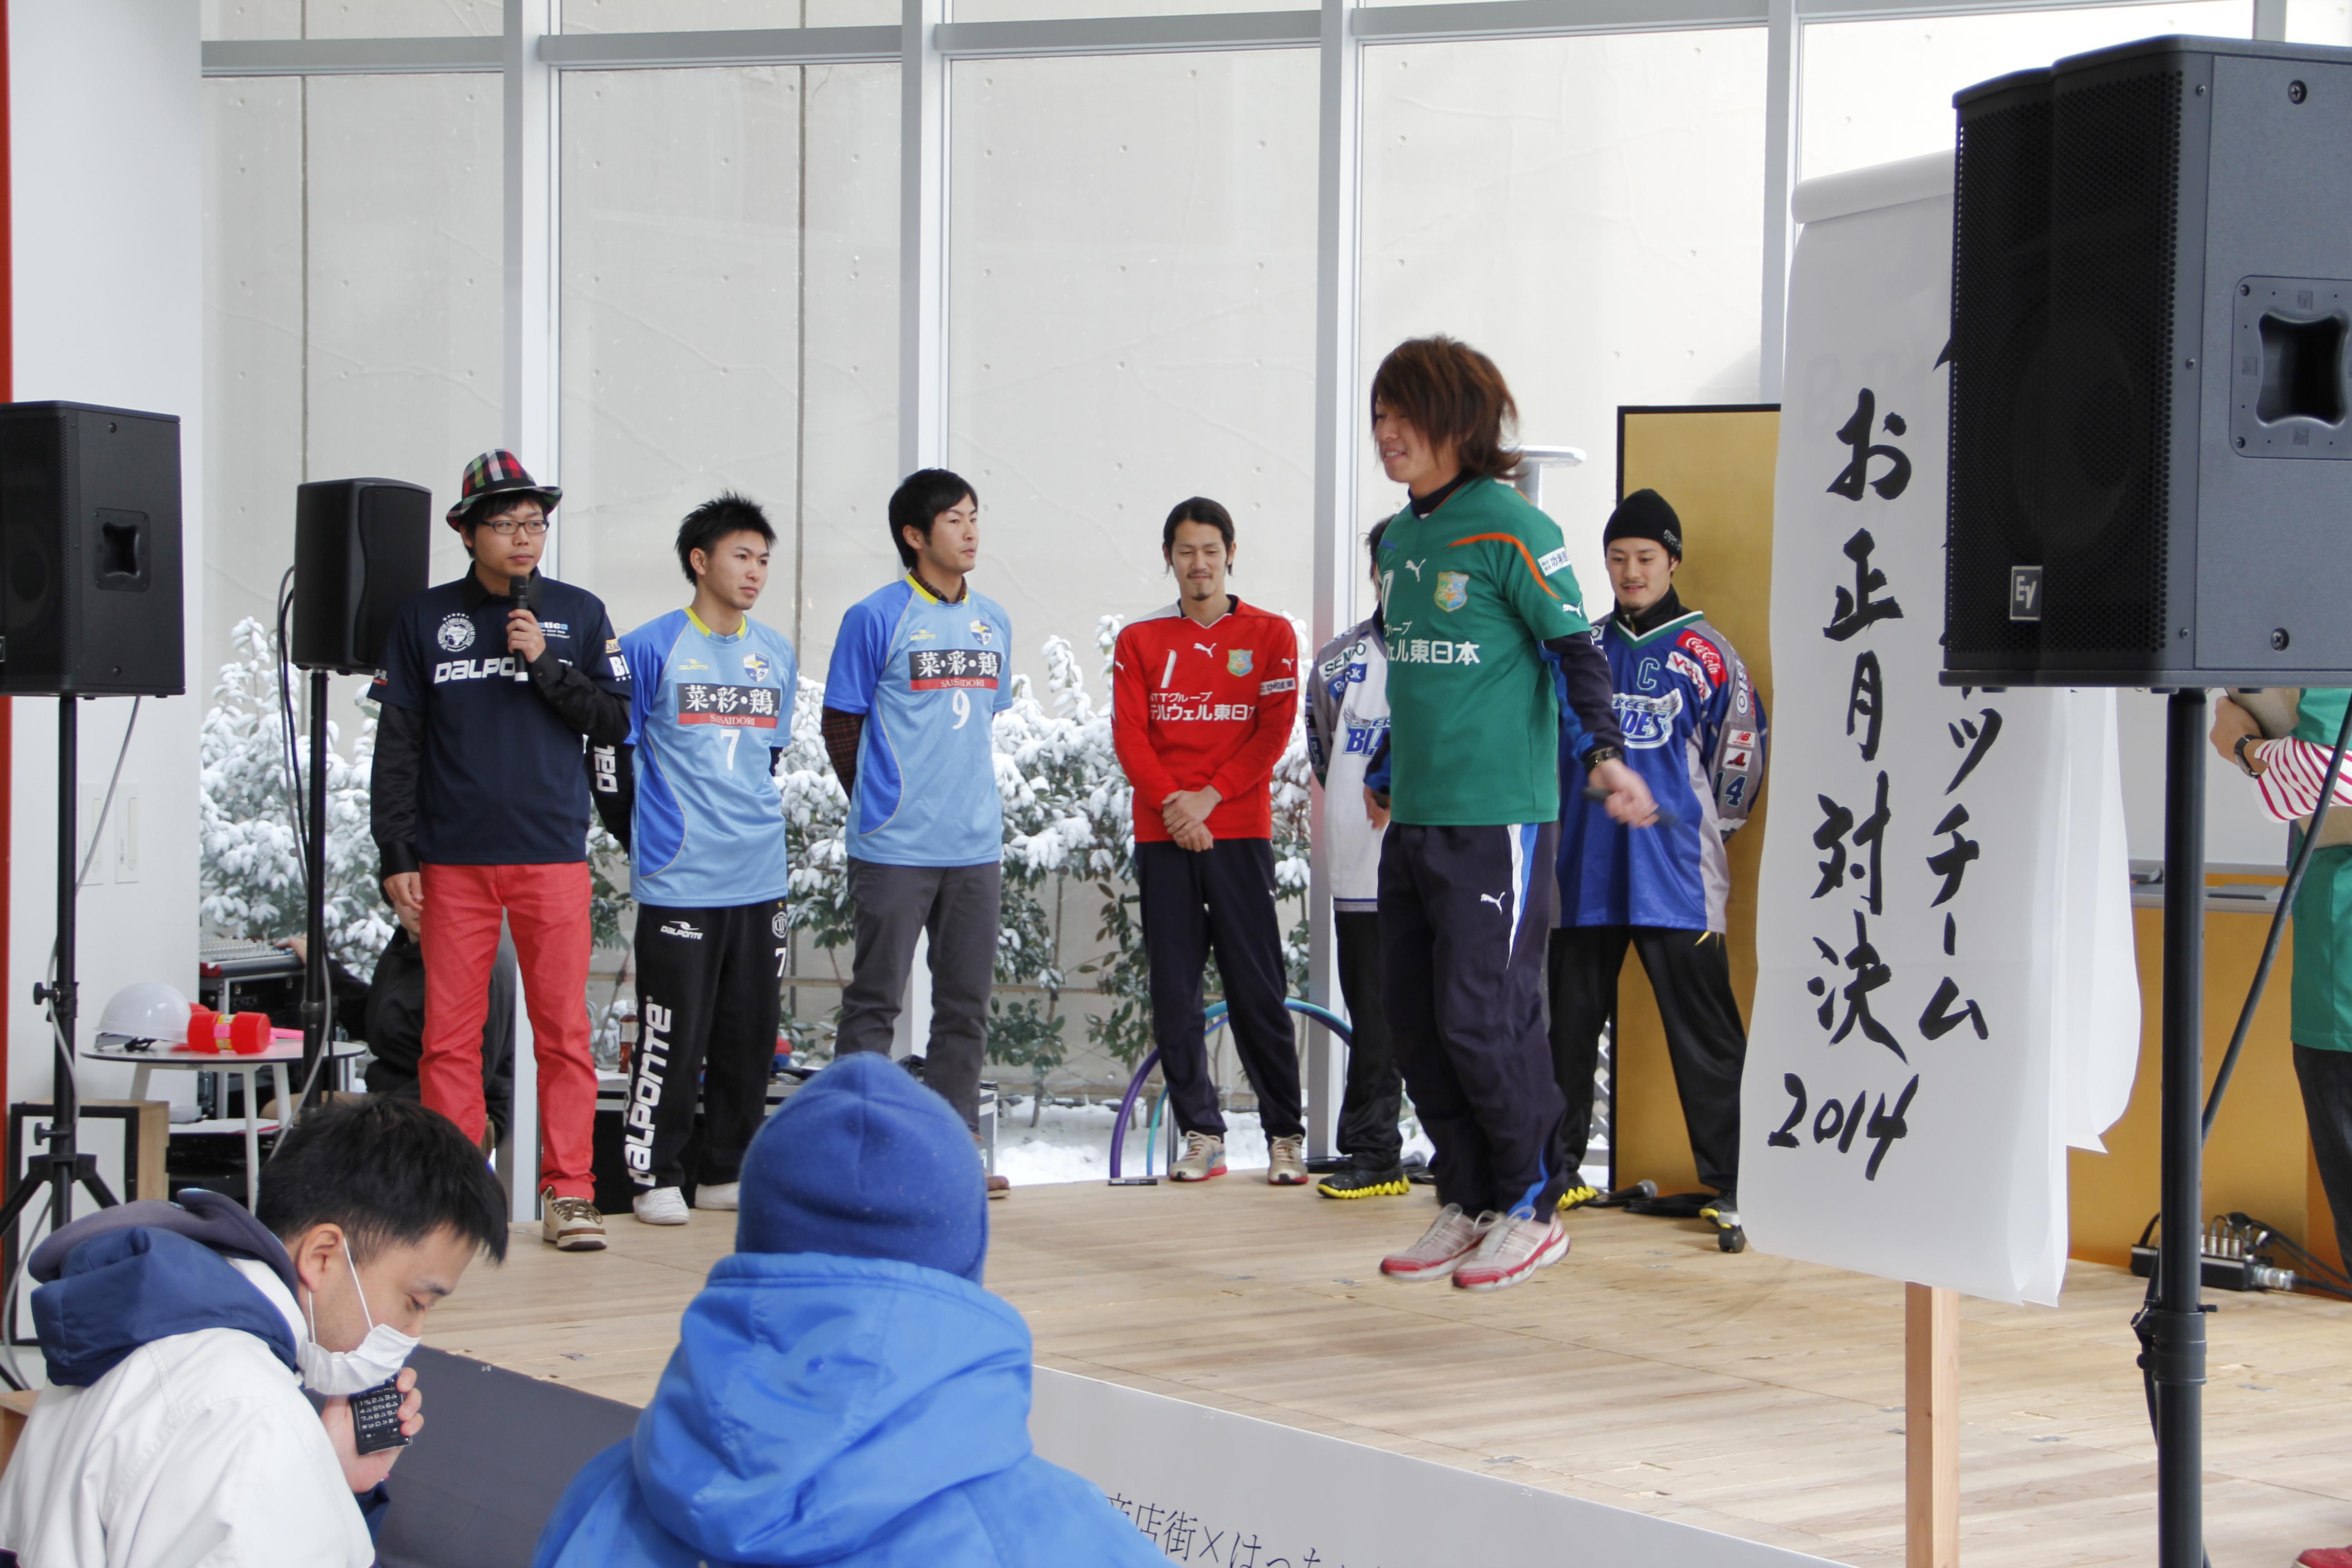 http://hacchi.jp/blog/upload/images/20140112_3.JPG